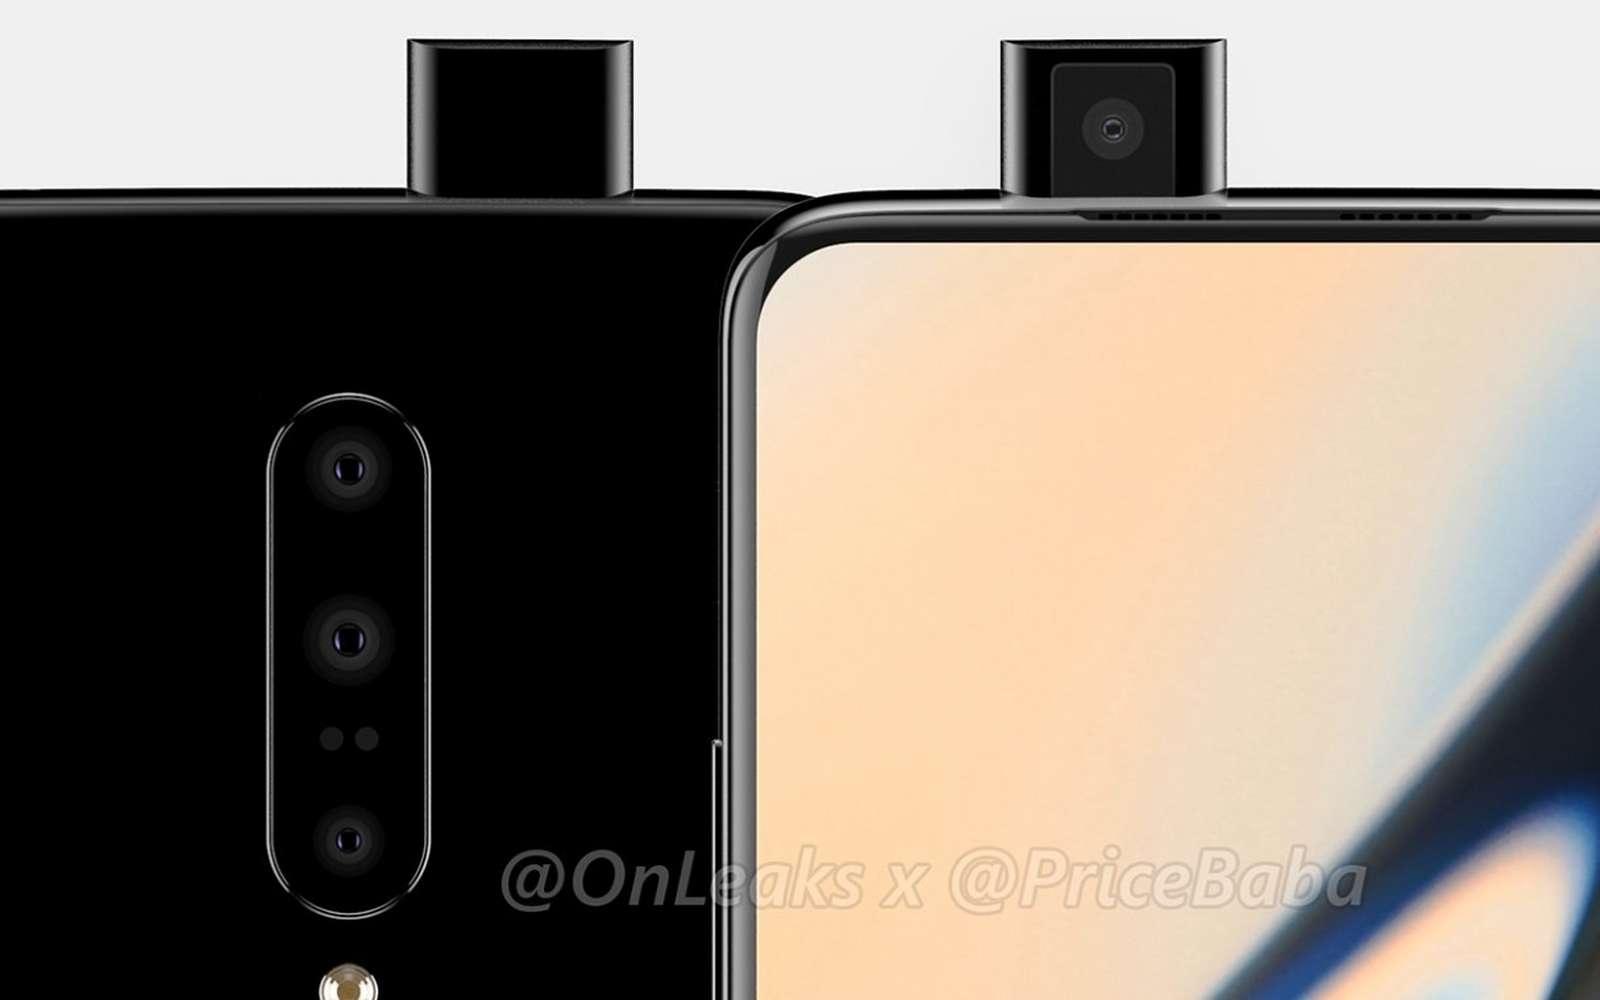 Trois capteurs photos à l'arrière et un capteur à selfies escamotable à l'avant. Voici une vue d'artiste de ce que sera le futur OnePlus 7 Pro qui sortira fin mai ou début juin. © Pricebaba & @OnLeaks